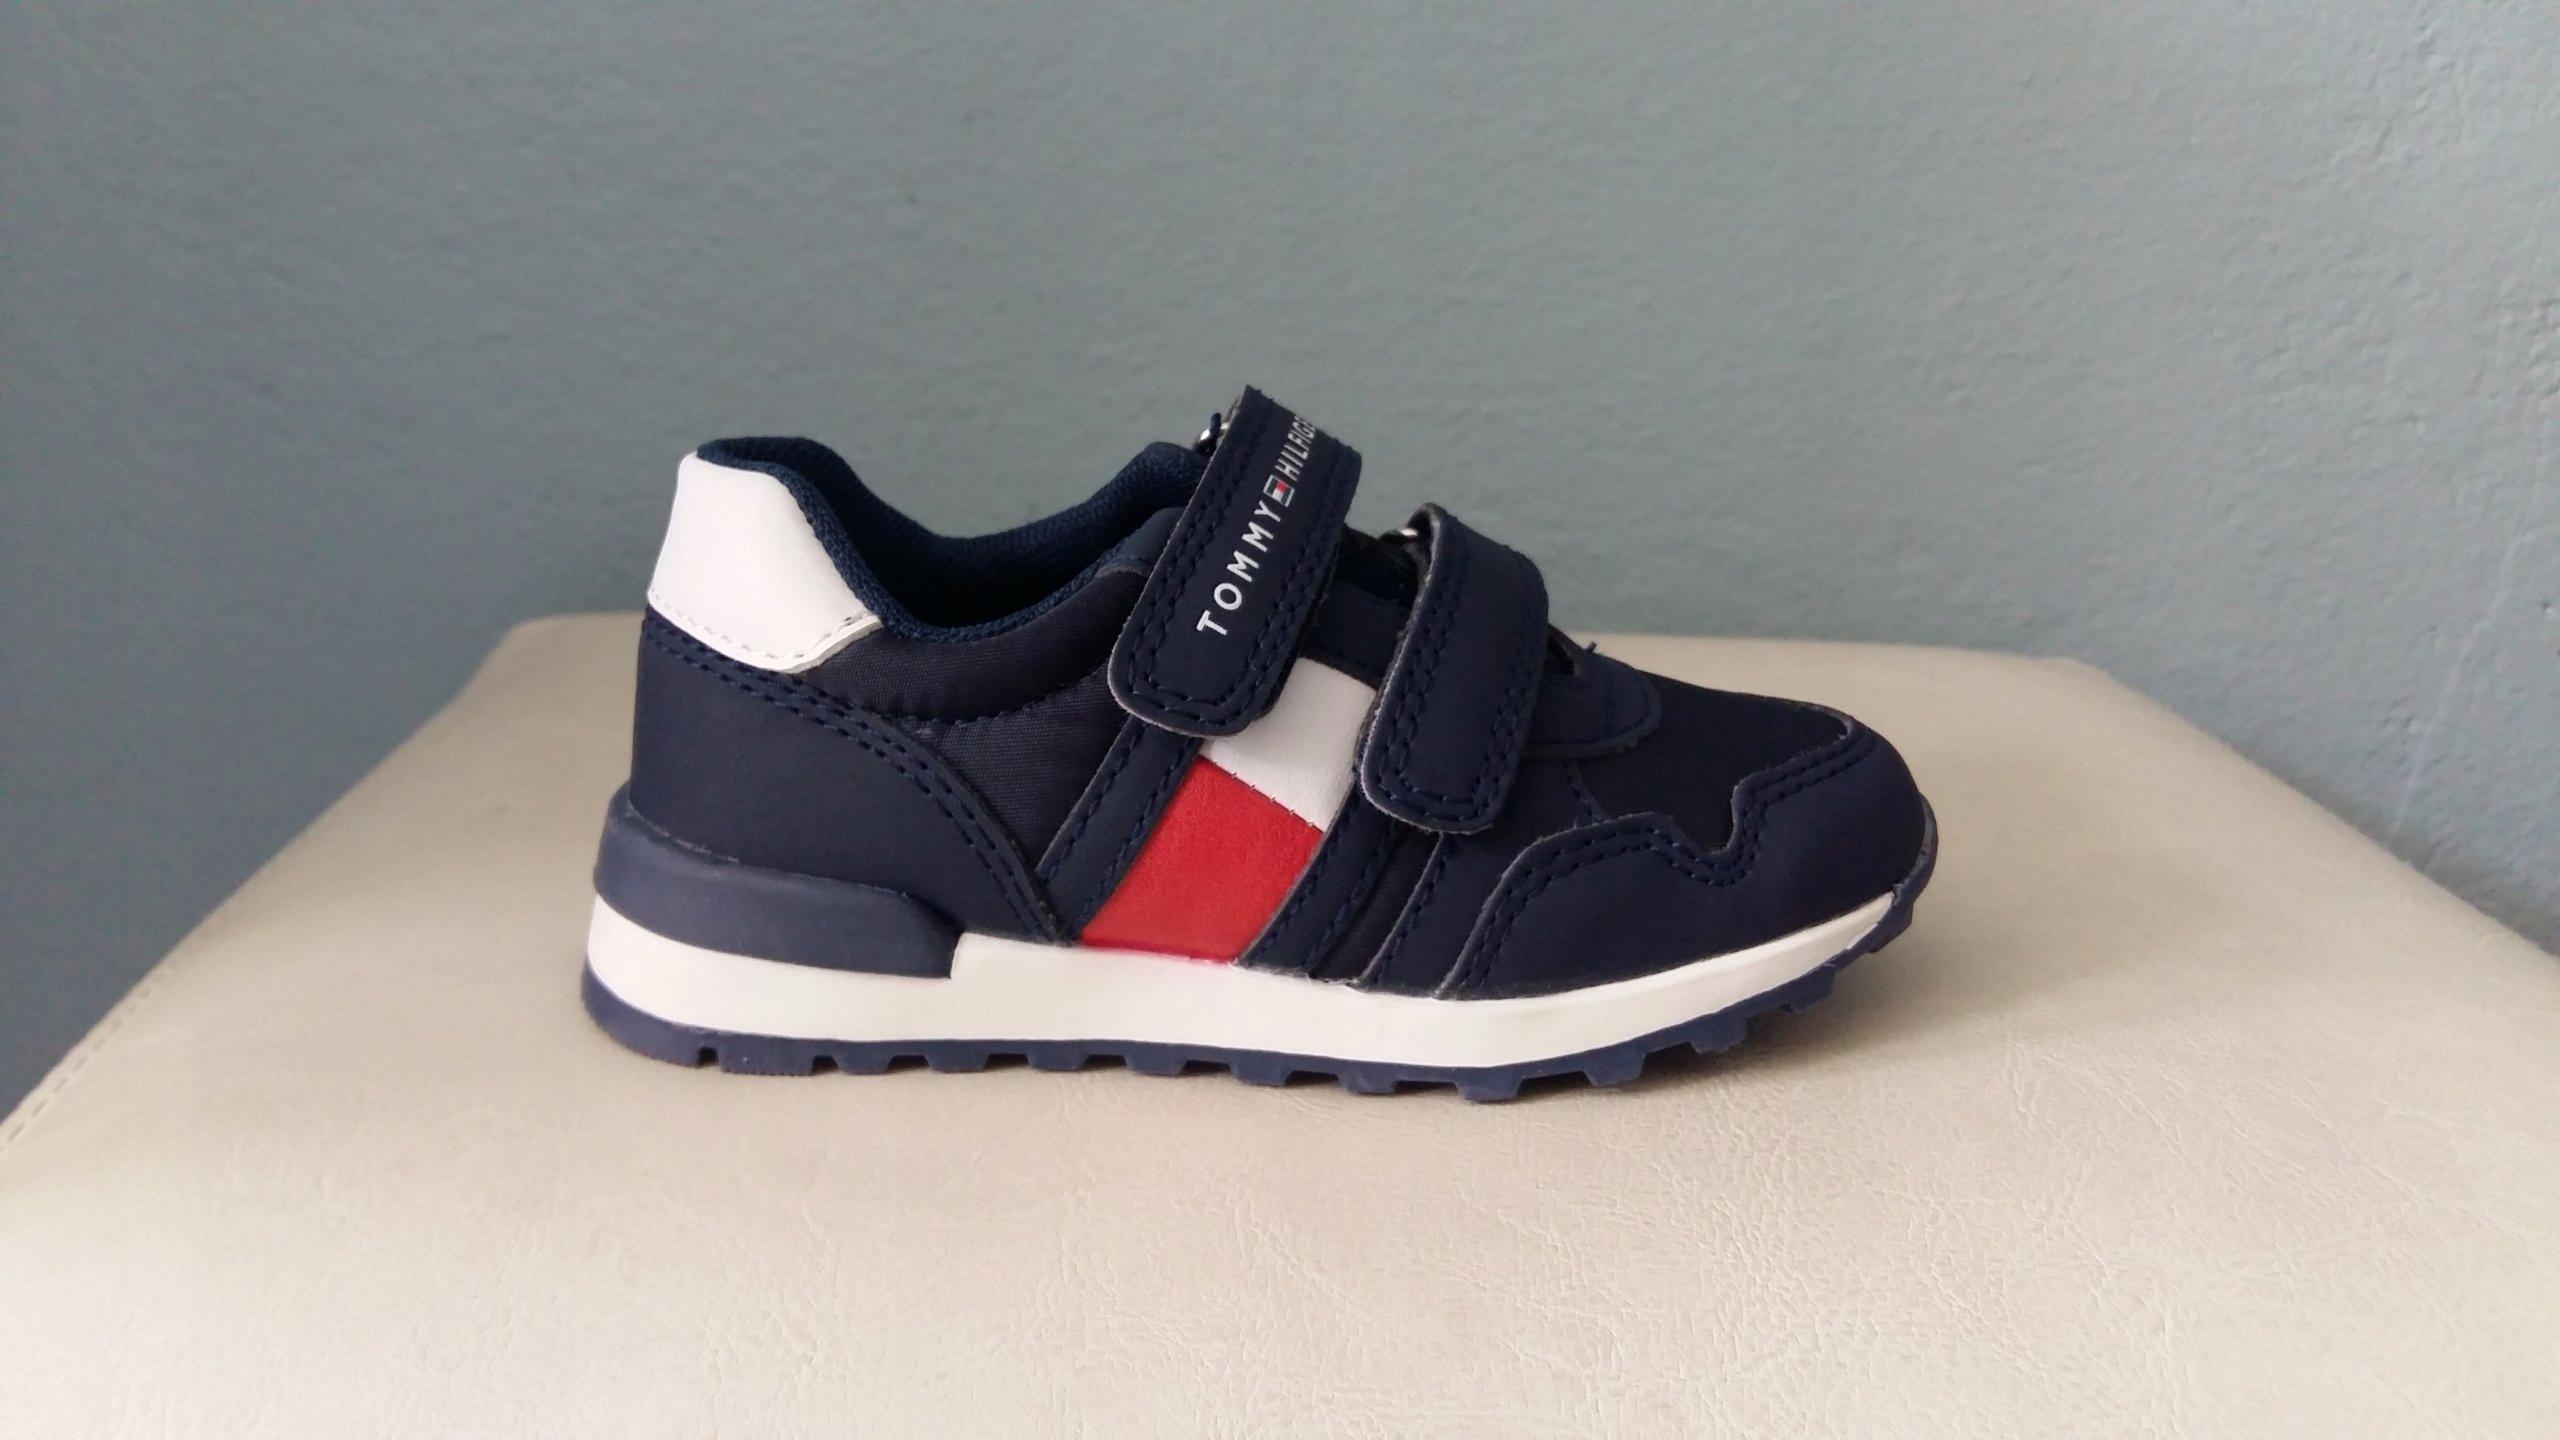 2206485fd493 Tommy Hilfiger buty sportowe rozmiar 24 15cm. - 7412650151 ...